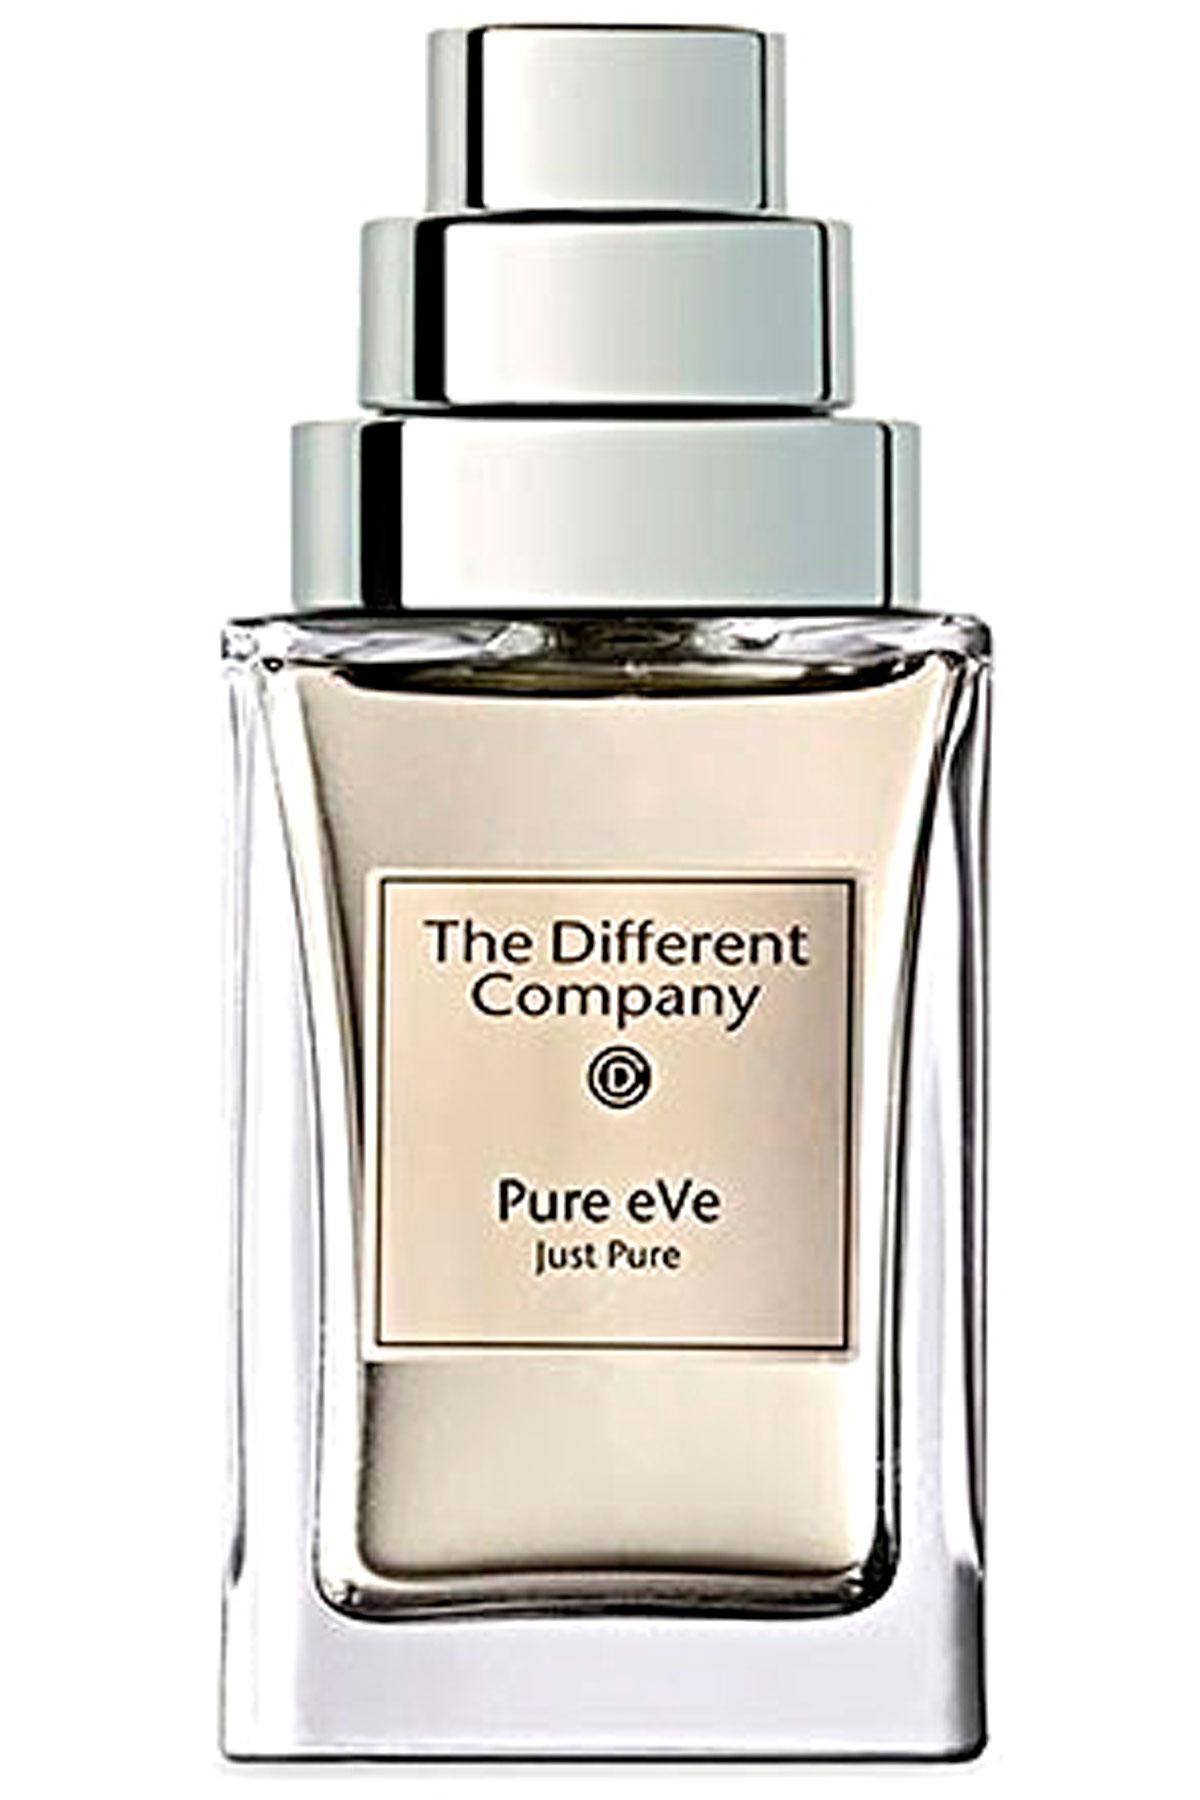 The Different Company Fragrances for Men, Pure Eve - Eau De Parfum - 100 Ml, 2019, 100 ml